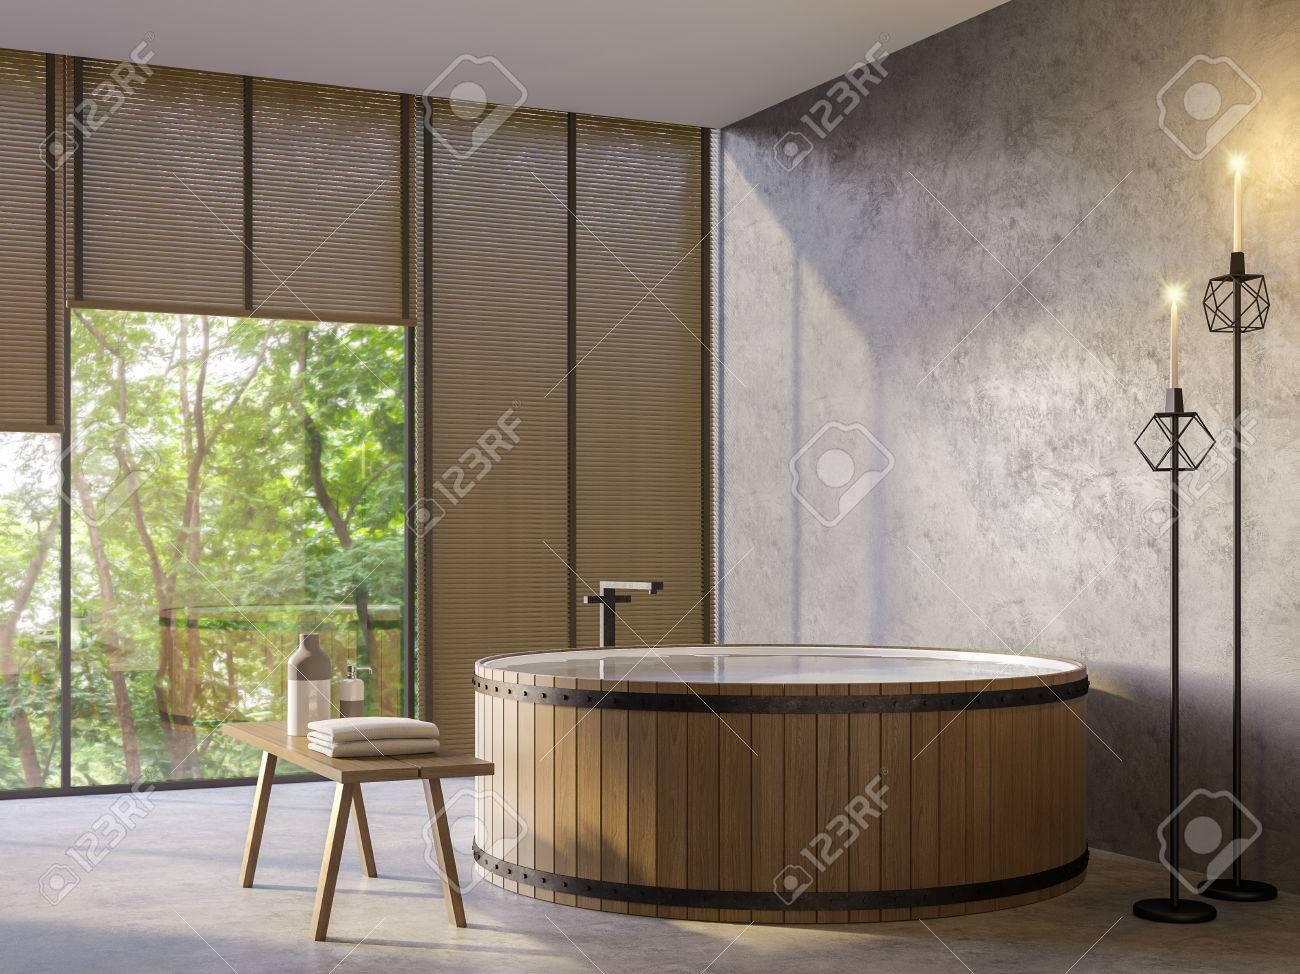 Salle de bain de style loft avec vue sur la nature image de rendu 3d  Meublée avec une baignoire en bois, des murs en béton et de grandes  fenêtres ...